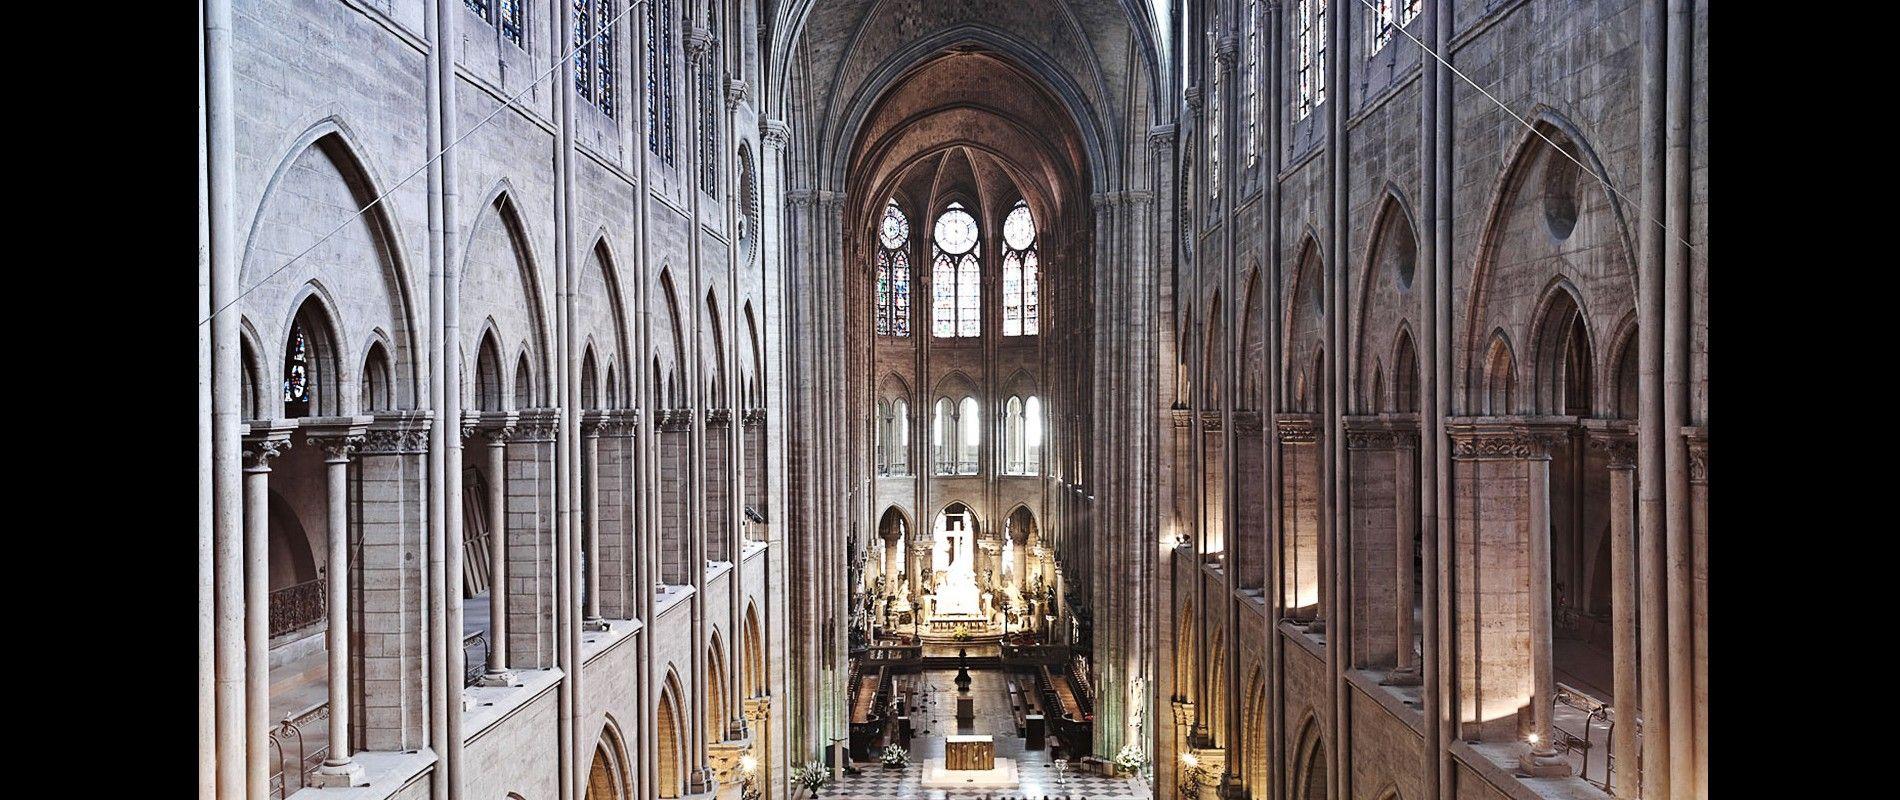 Tallons Laserscans offenbarten, dass einige der Säulen im Kirchenschiff der Pariser Kathedrale Notre-Dame nicht genau parallel ...